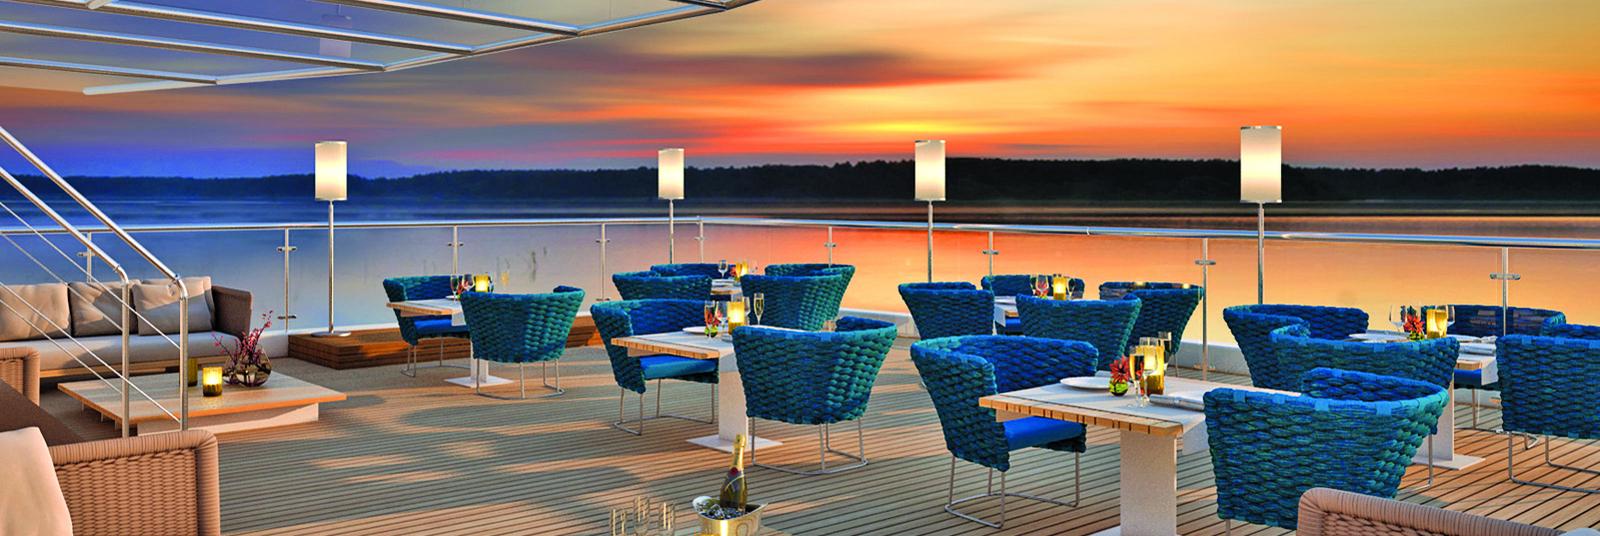 Homepage_large_emerald_waterways_terrace_2014